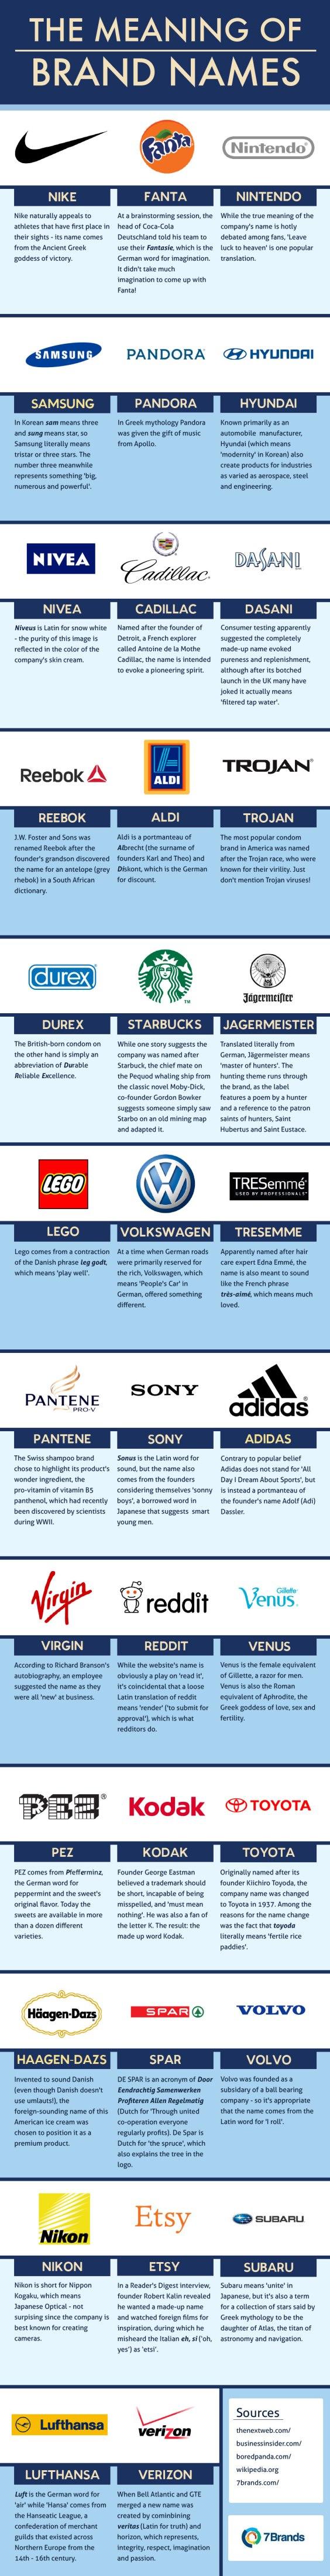 significados de los nombres de marcas famosas_unpocogeek.com